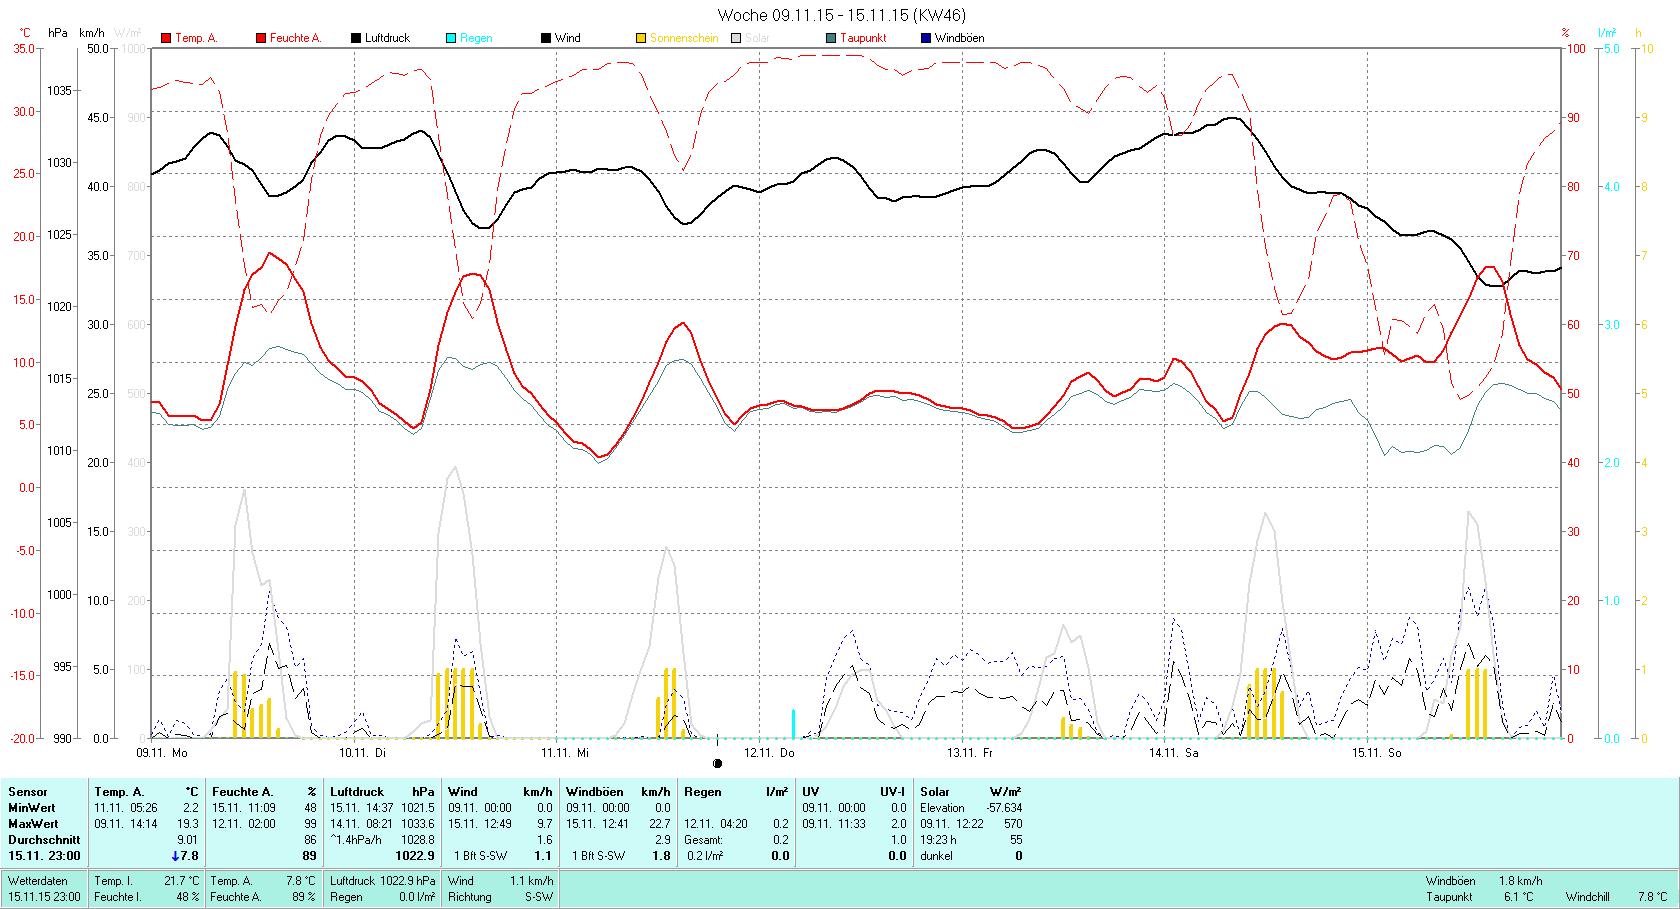 KW 46 Tmin 2.2°C, Tmax 19.3°C, Sonne 19:23h, Niederschlag 0.2mm/2